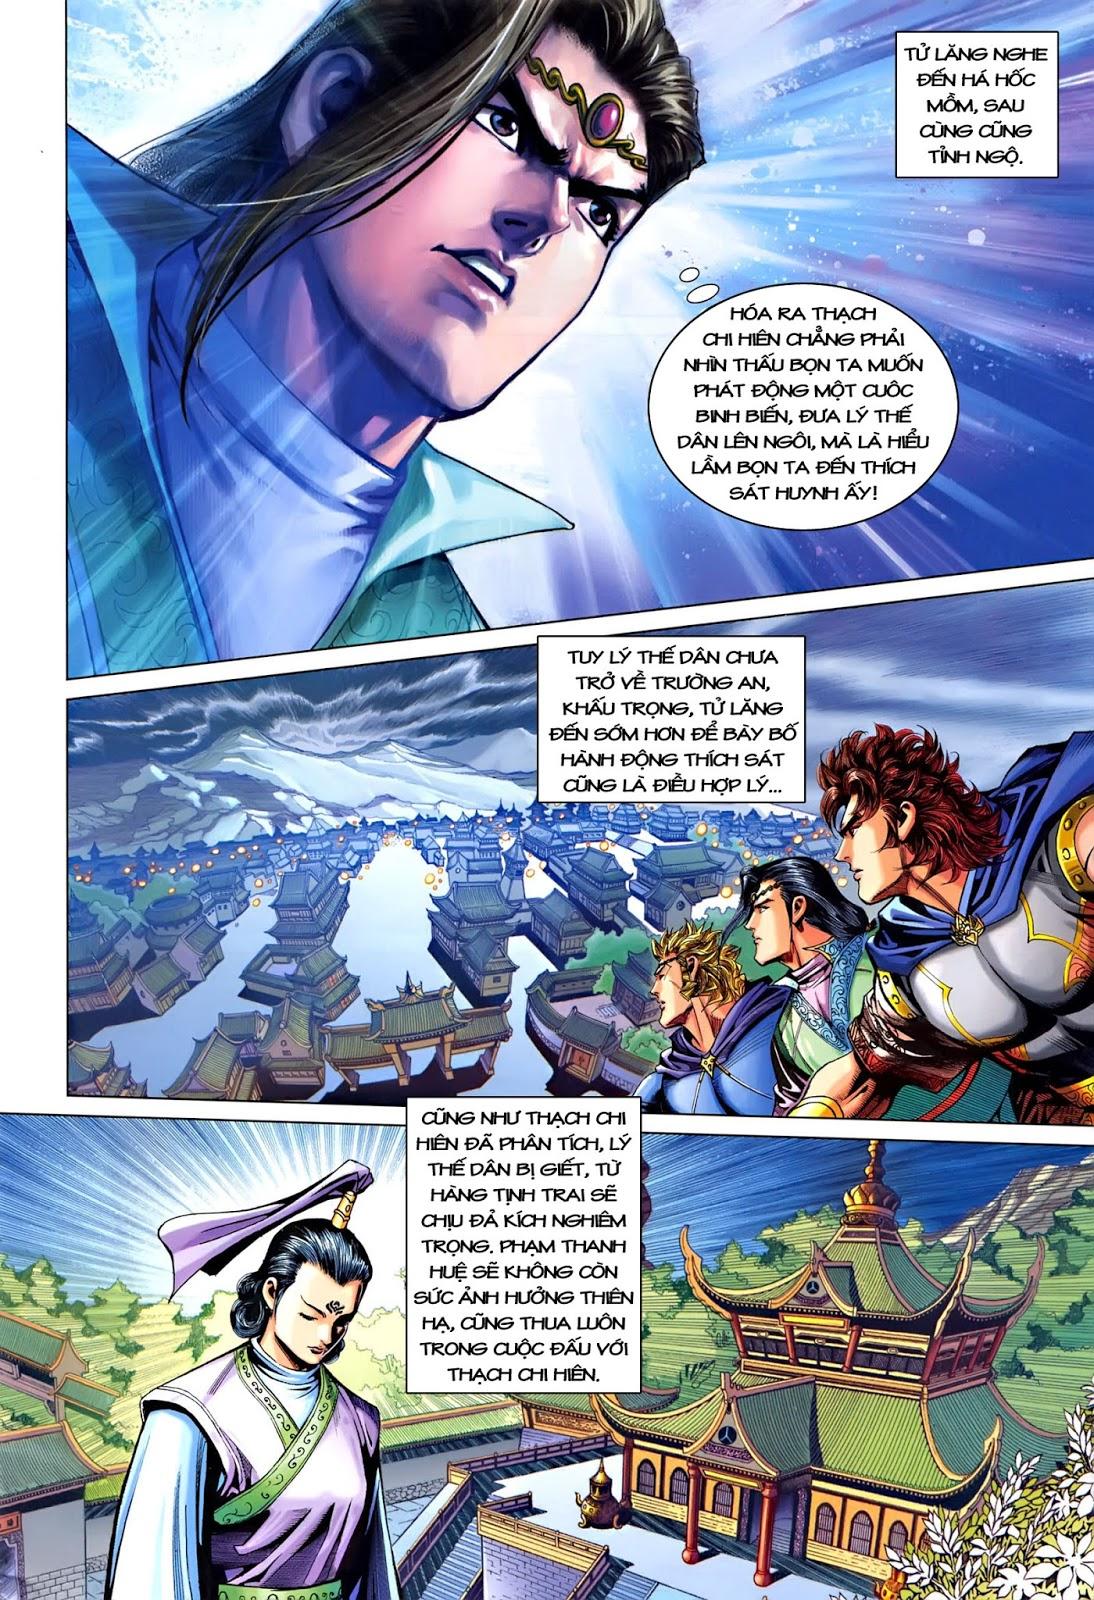 Đại Đường Song Long Truyện chap 216 - Trang 12